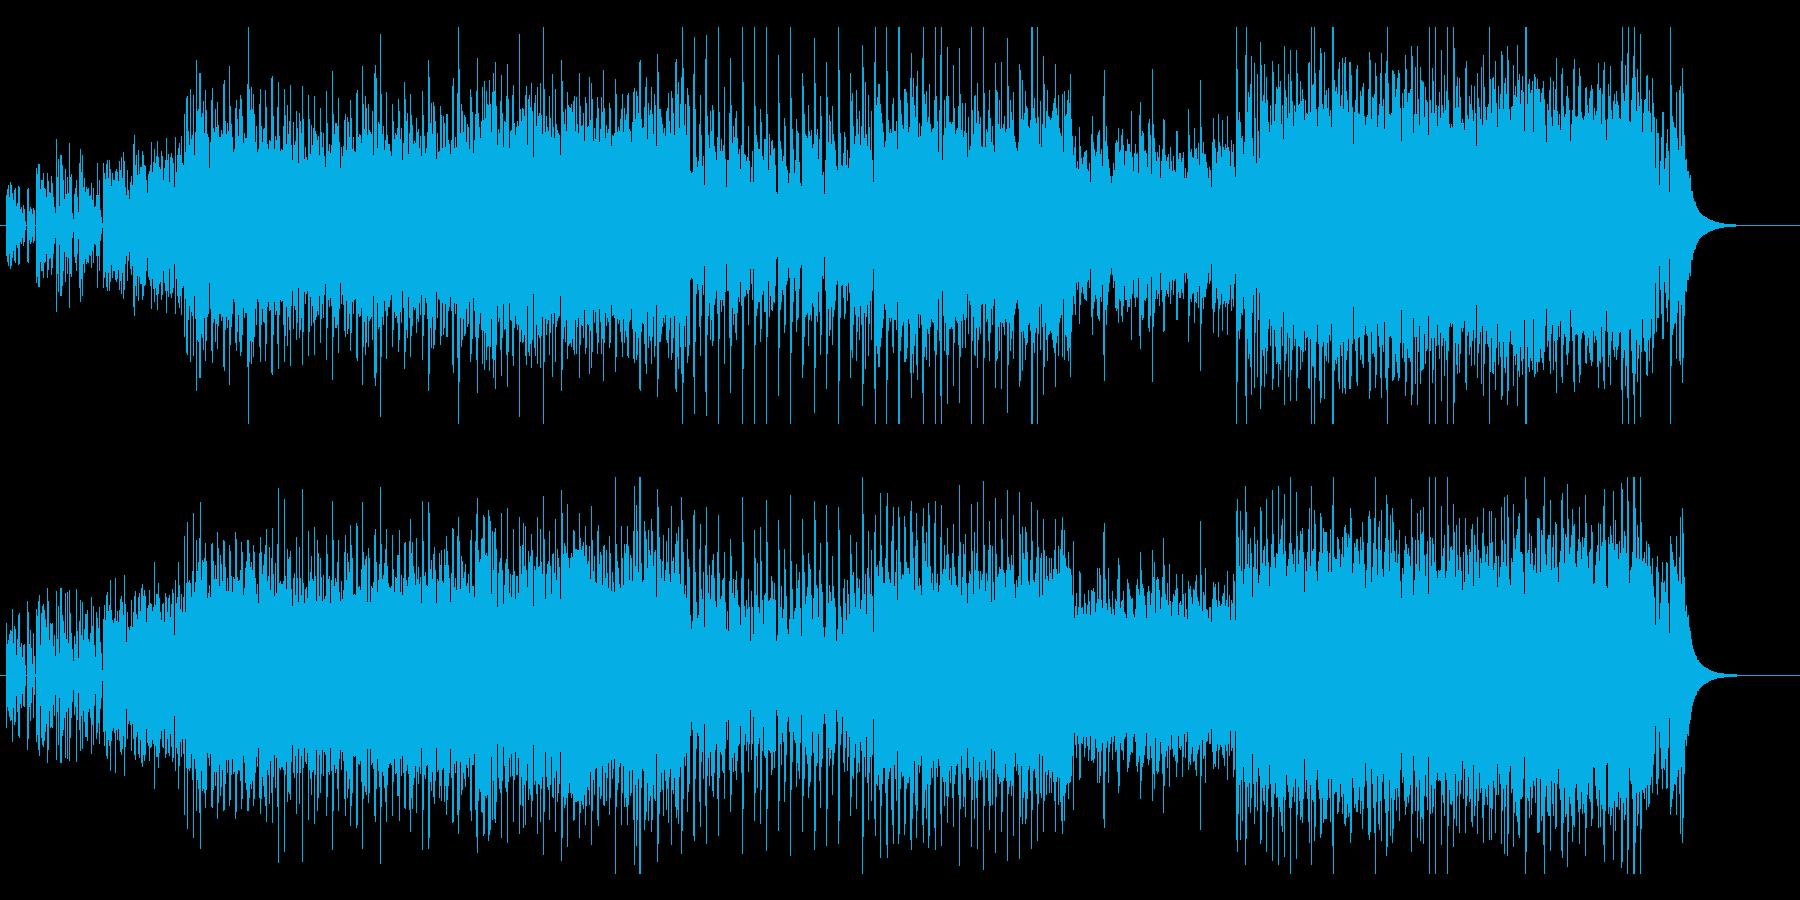 ジングルベル ライトなテクノ カラオケの再生済みの波形